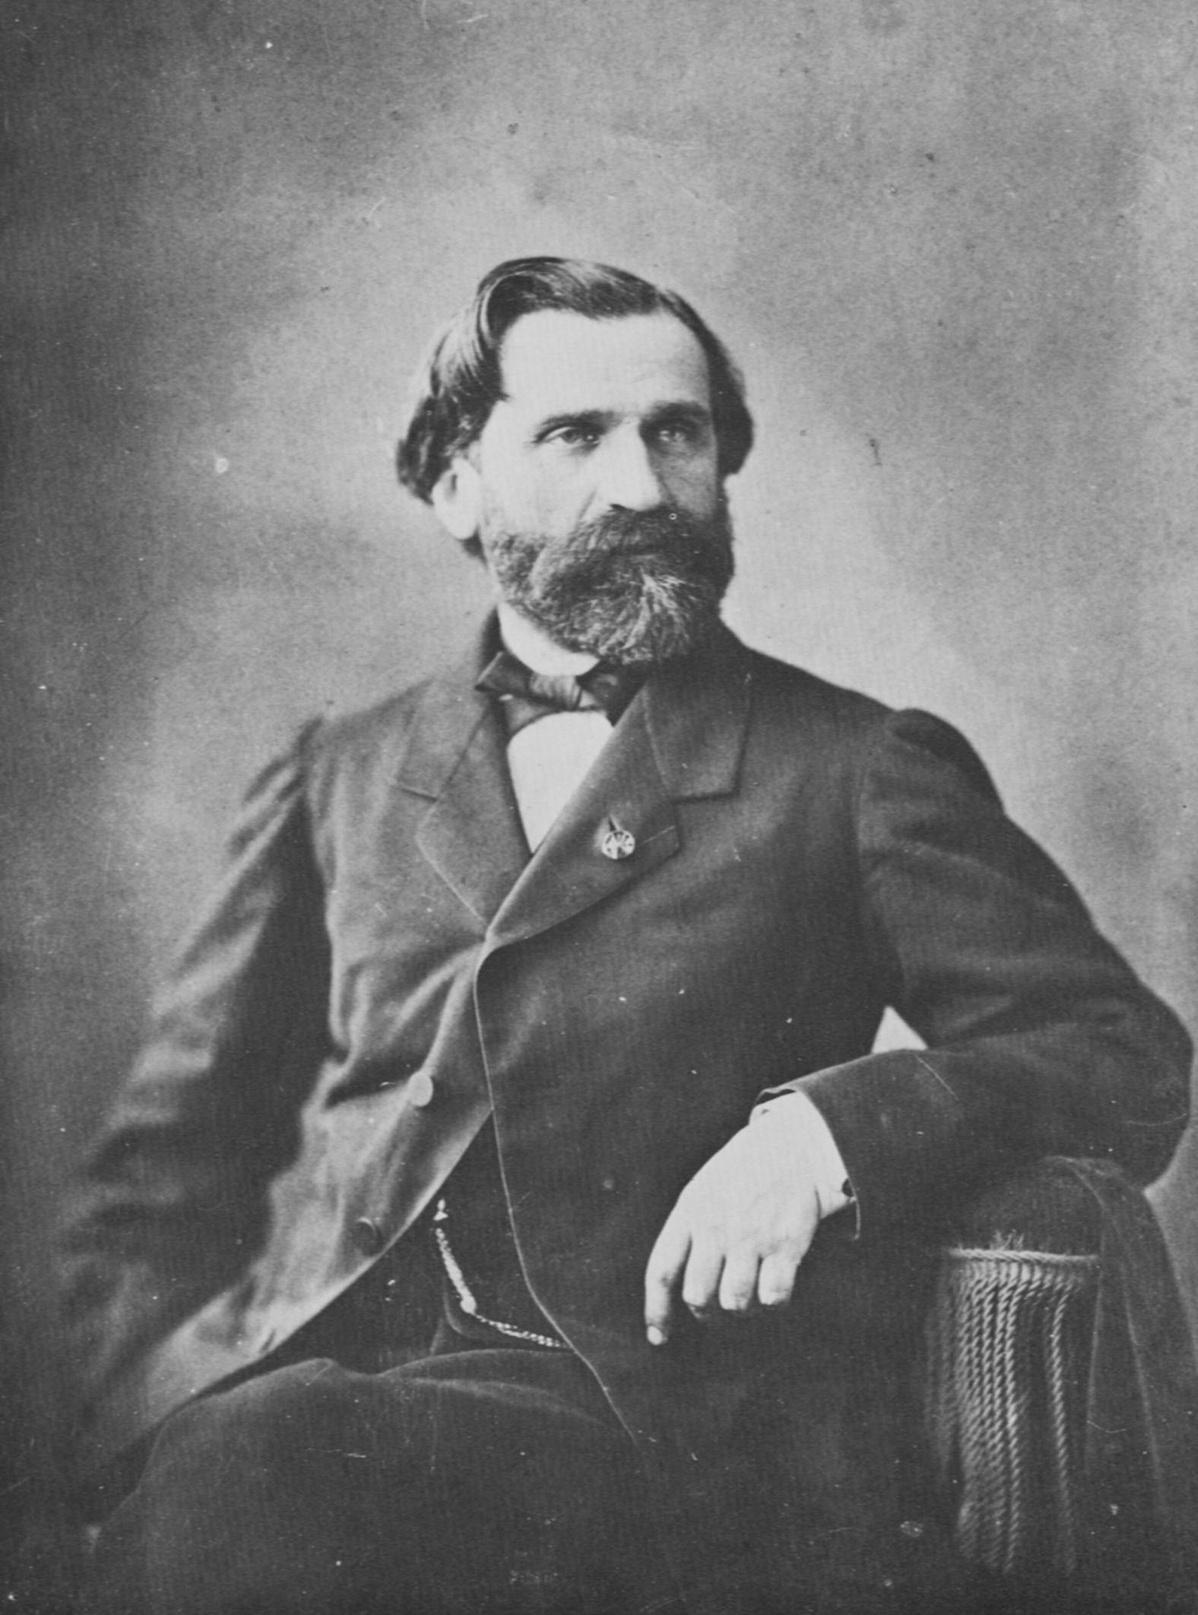 Tournachon_Gaspard-Felix_-_Giuseppe_Verdi_1813-1901_Zeno_Fotografie-141904.jpg